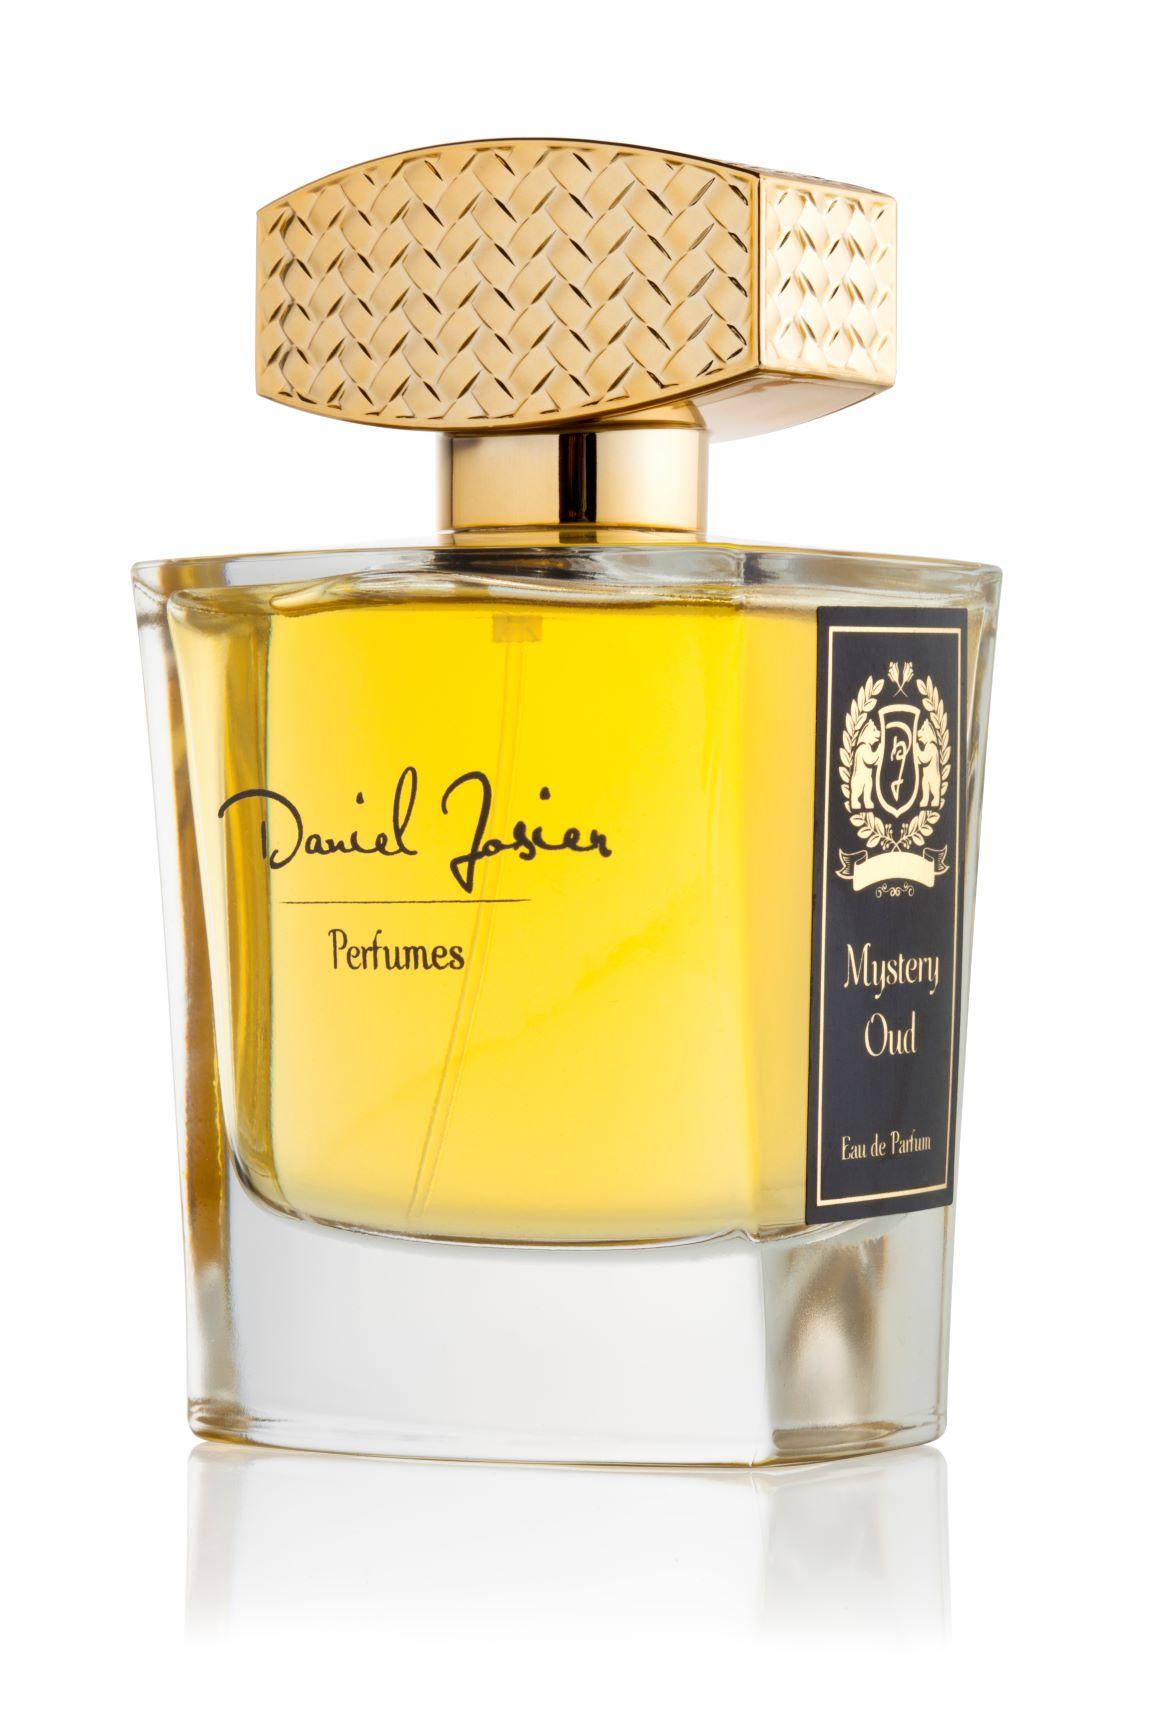 Daniel Josier – Mystery Oud - Eau de Parfum